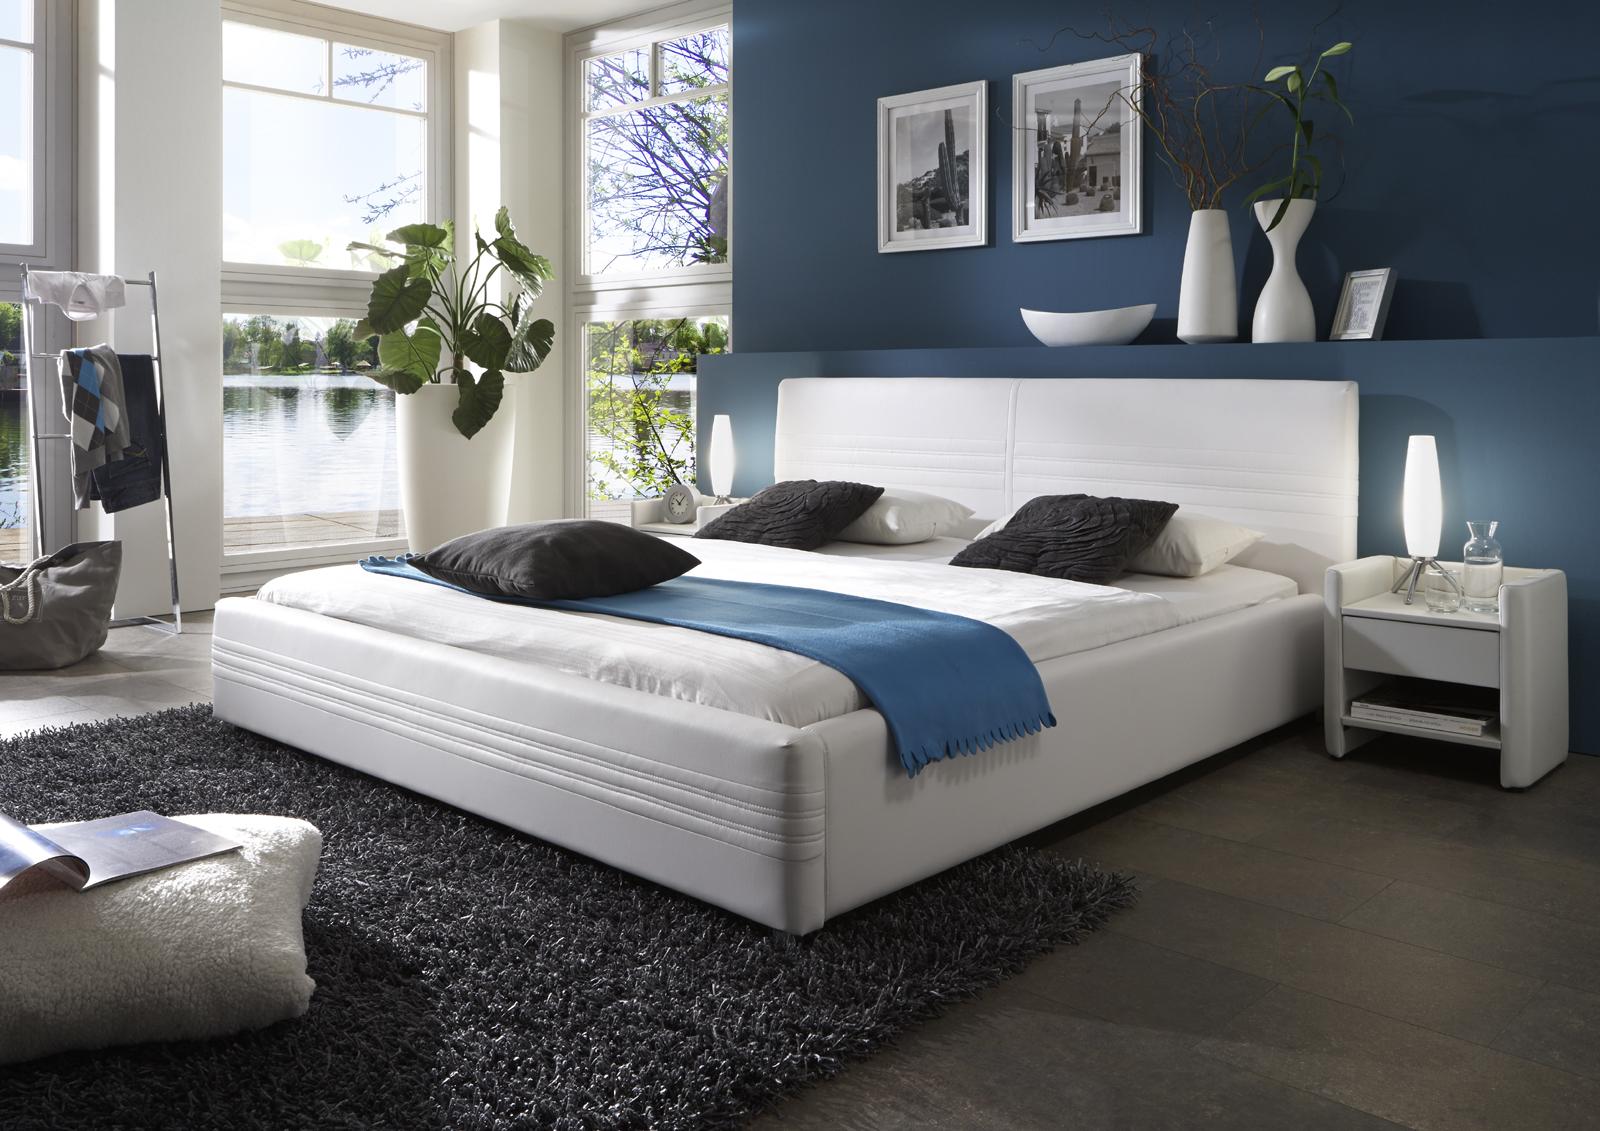 sam polsterbett 180 x 200 cm wei notturno g nstig. Black Bedroom Furniture Sets. Home Design Ideas